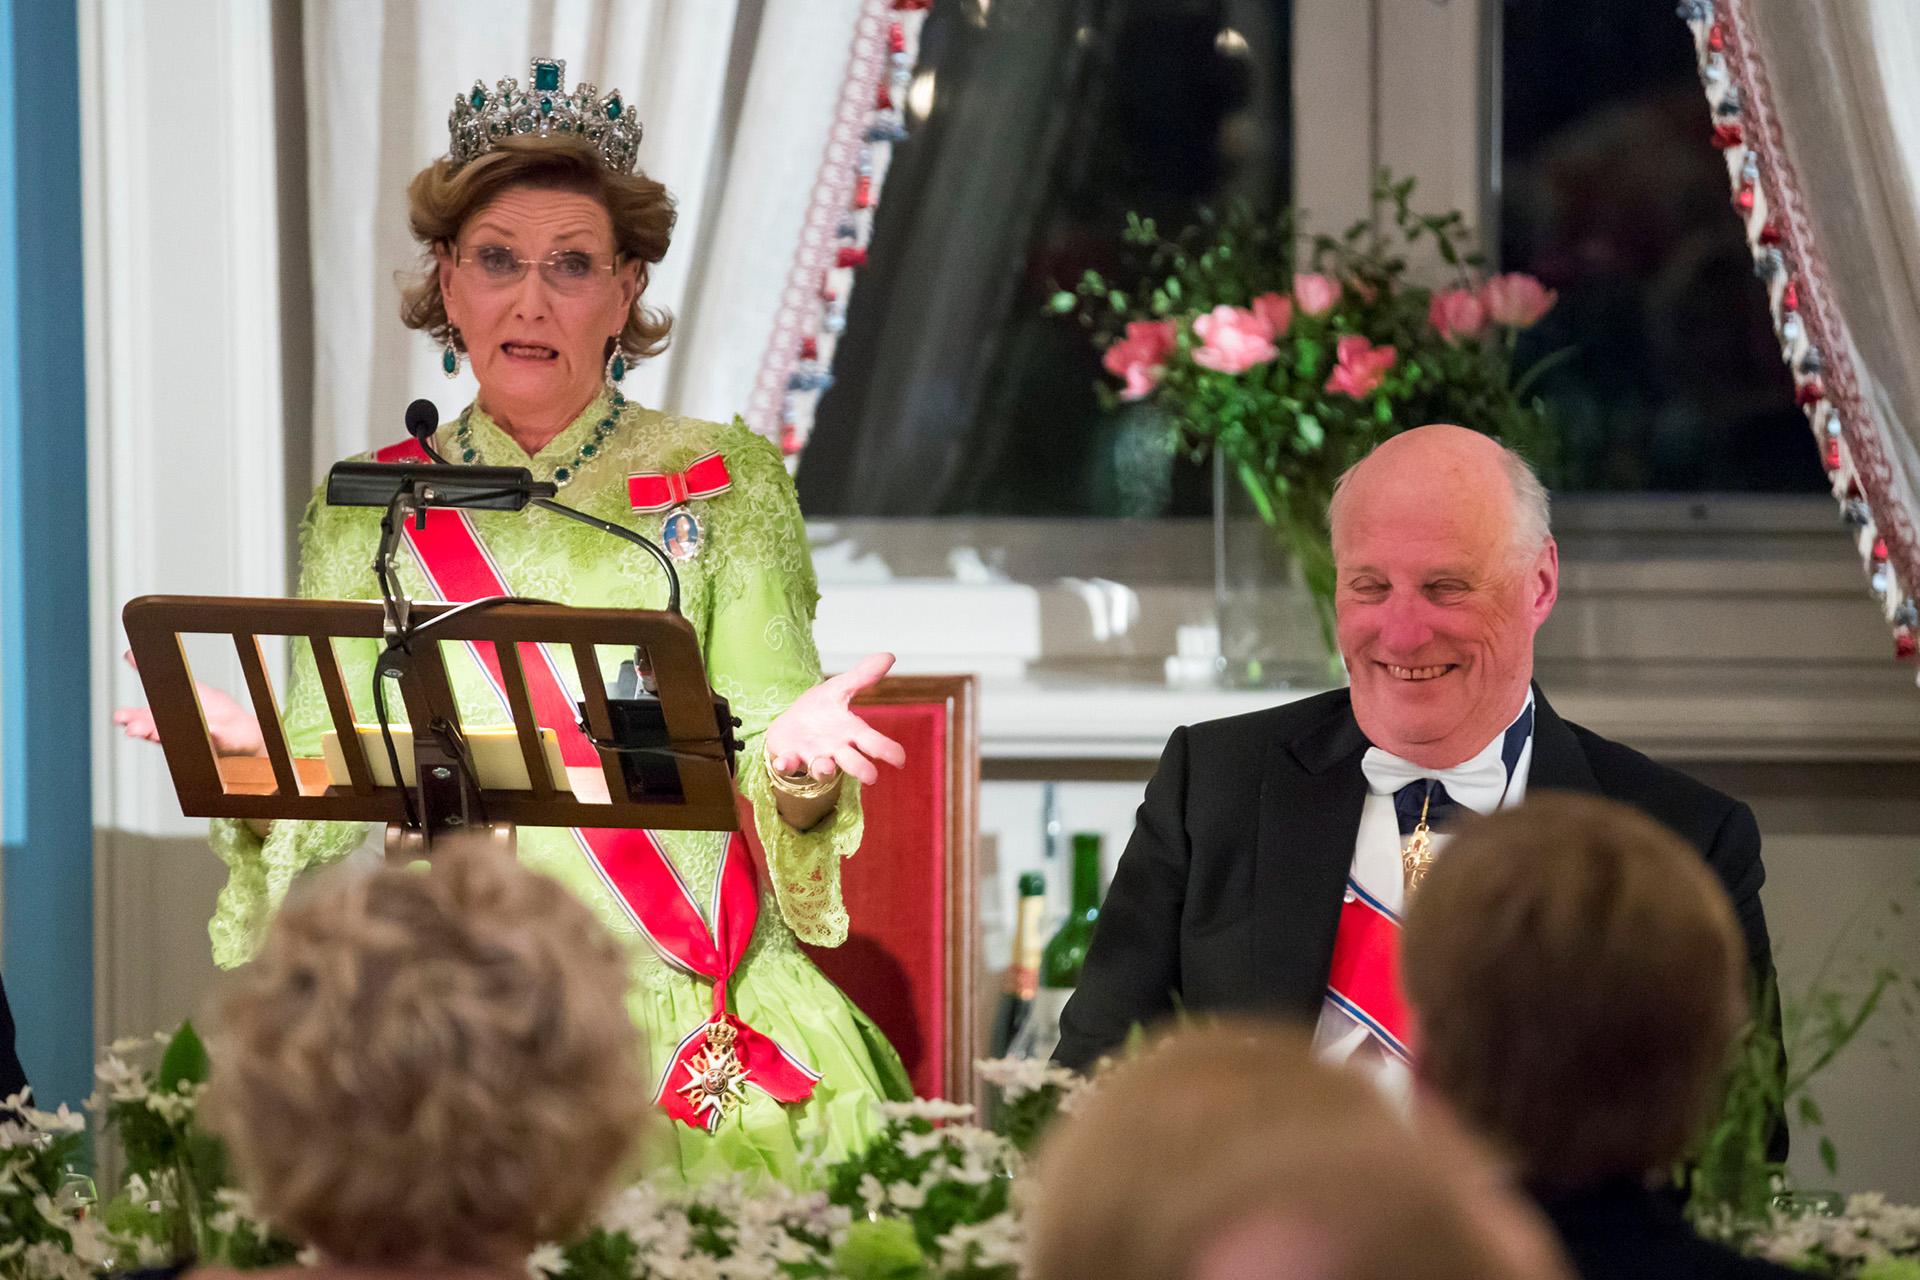 Los festejos conjuntos de cumpleaños de Harald y Sonja se extendieron por varios días, e incluyeron una gala en la Ópera de Oslo, además de una gran fiesta en el Palacio Real